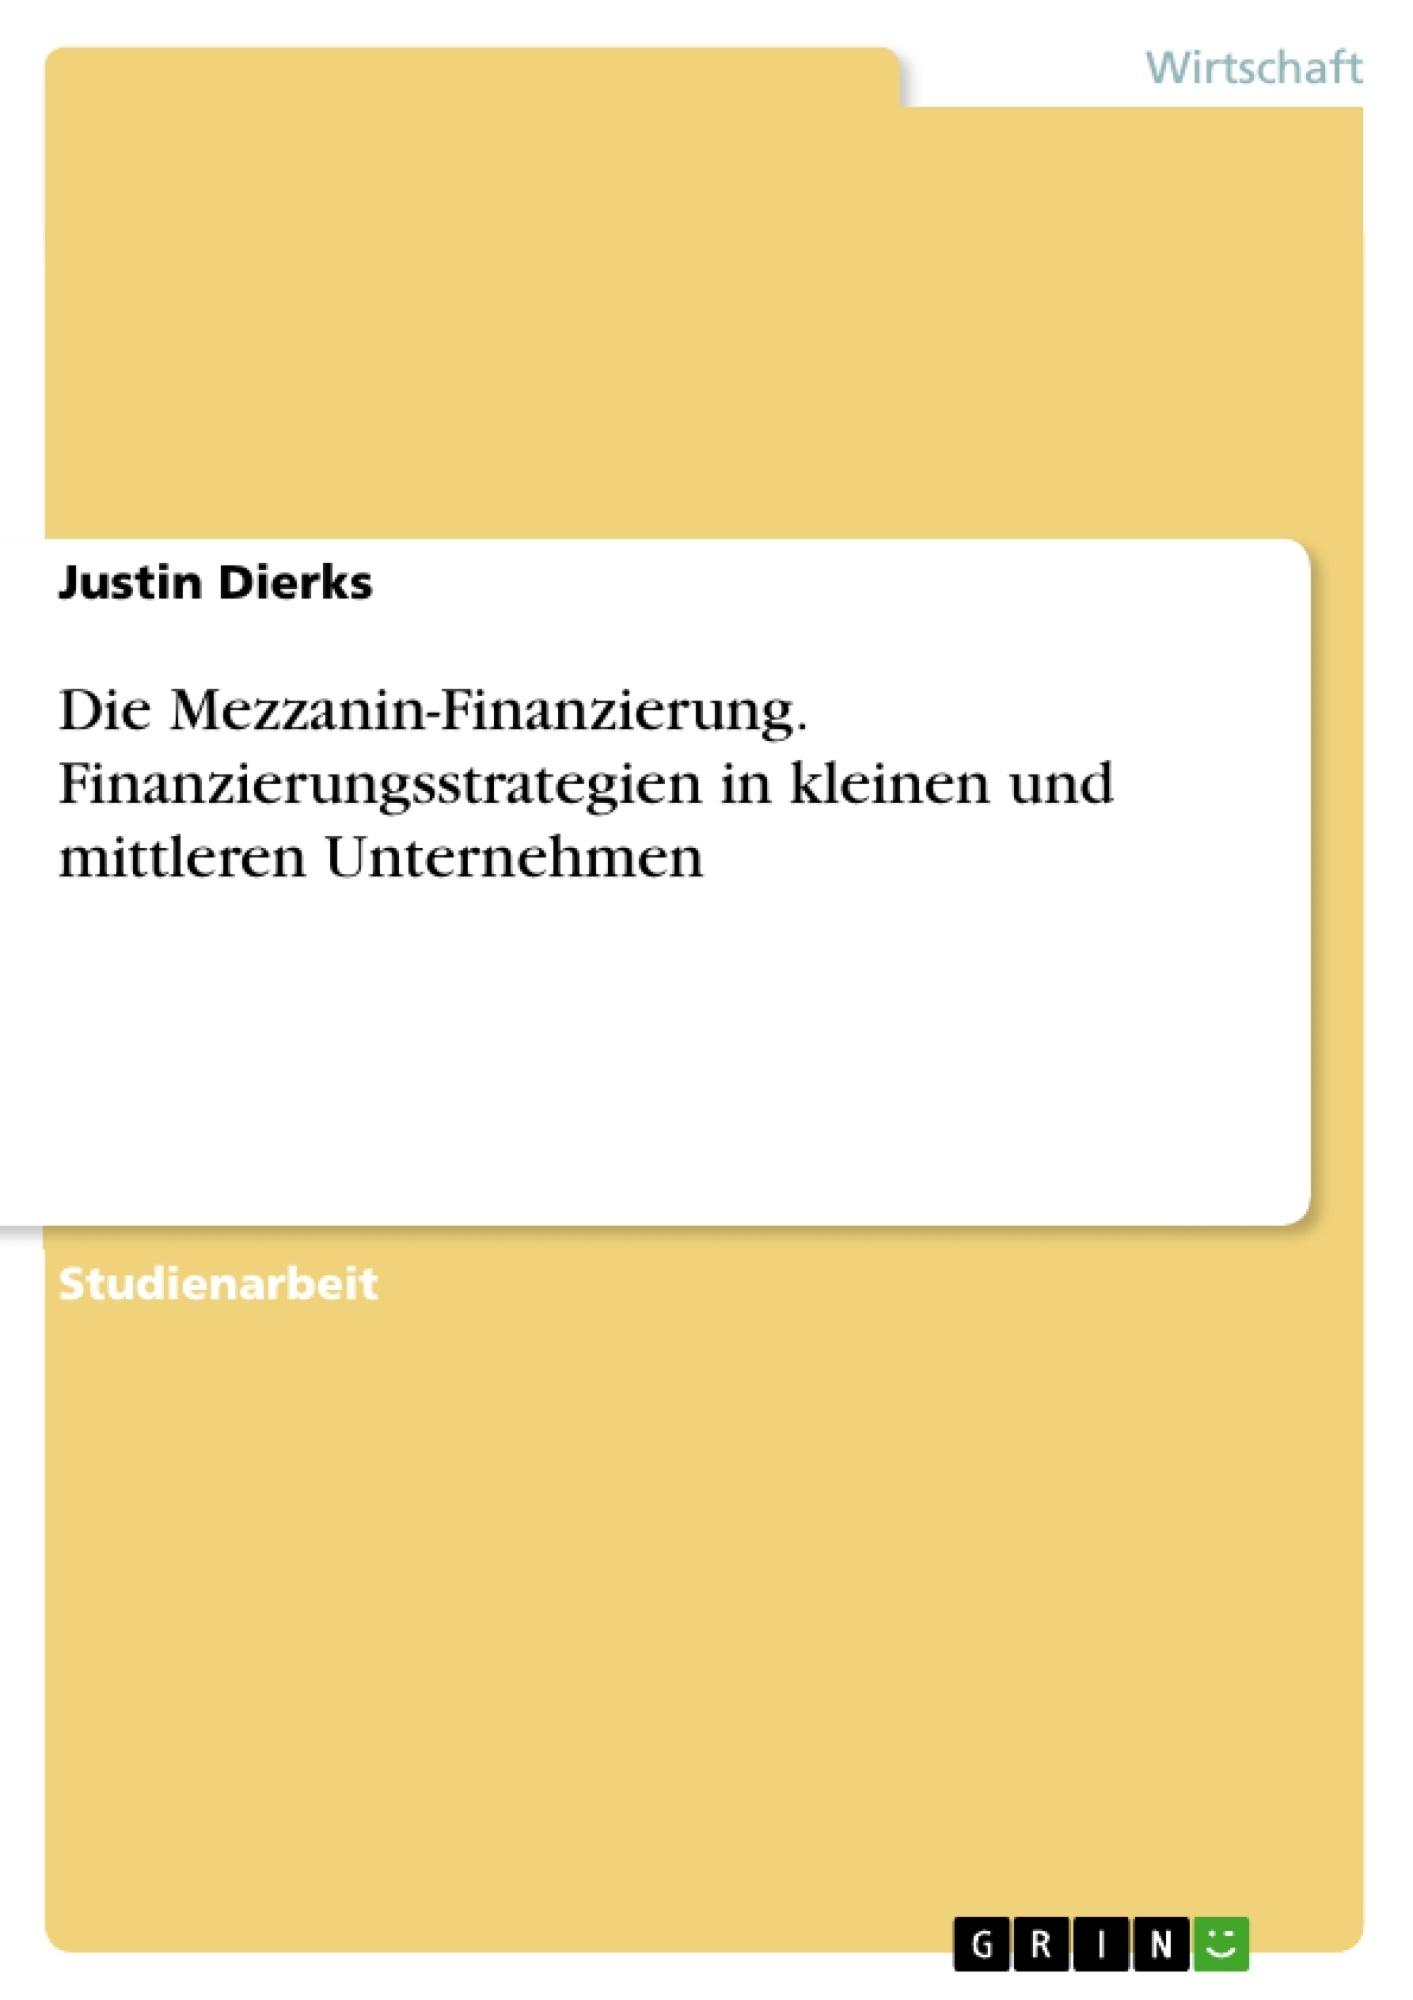 Titel: Die Mezzanin-Finanzierung. Finanzierungsstrategien in kleinen und mittleren Unternehmen